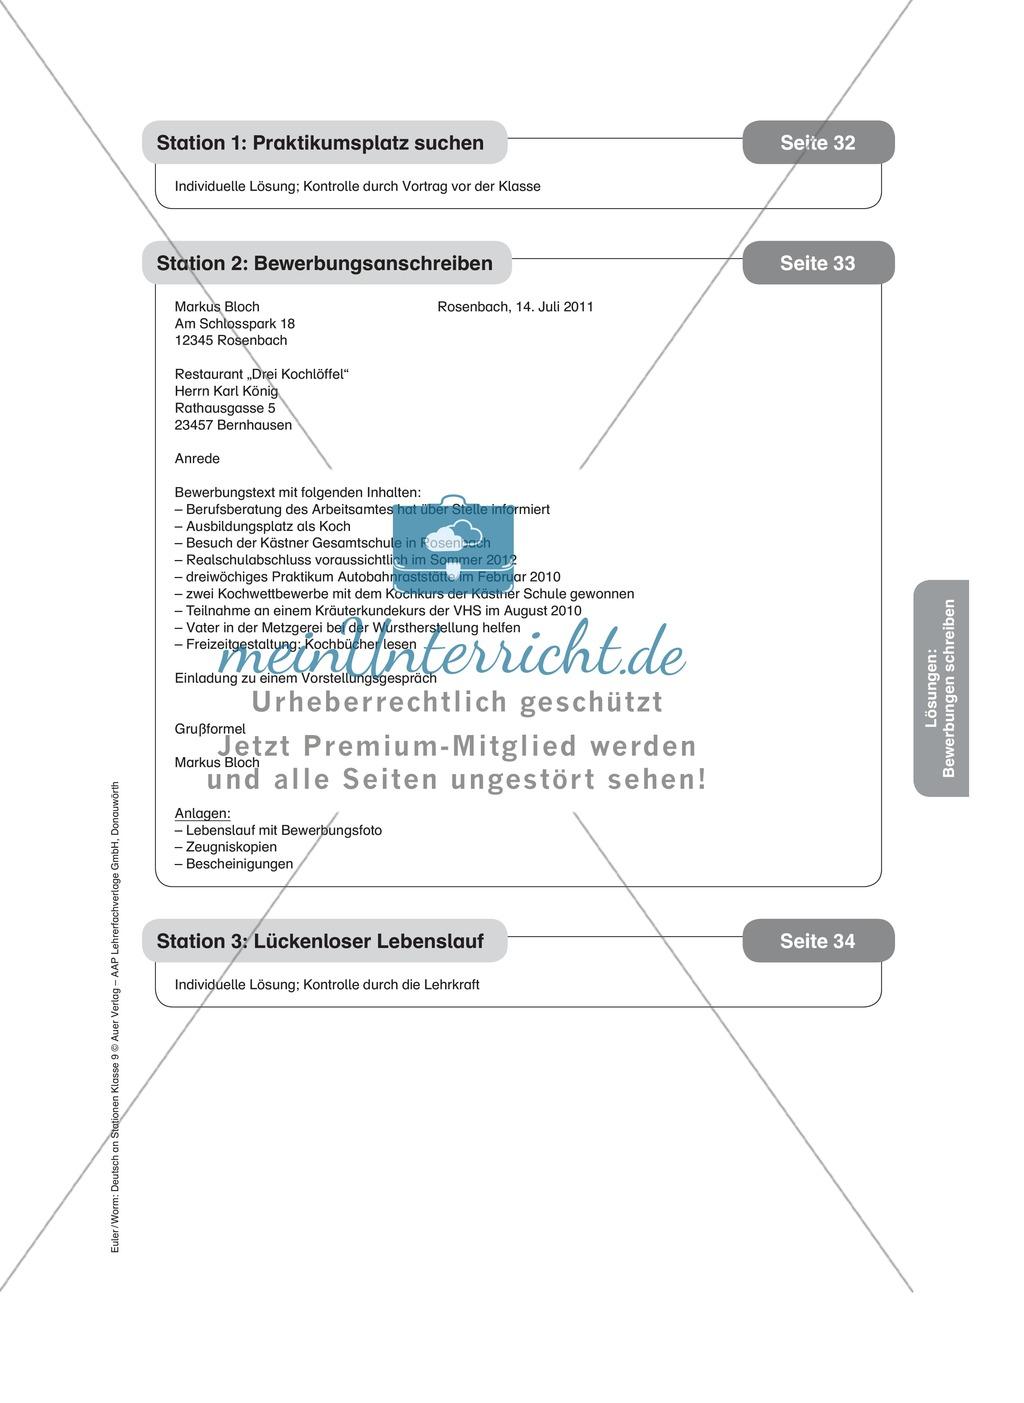 Eine Bewerbung schreiben: Anschreiben, Lebenslauf und Online-Bewerbung verfassen Preview 5